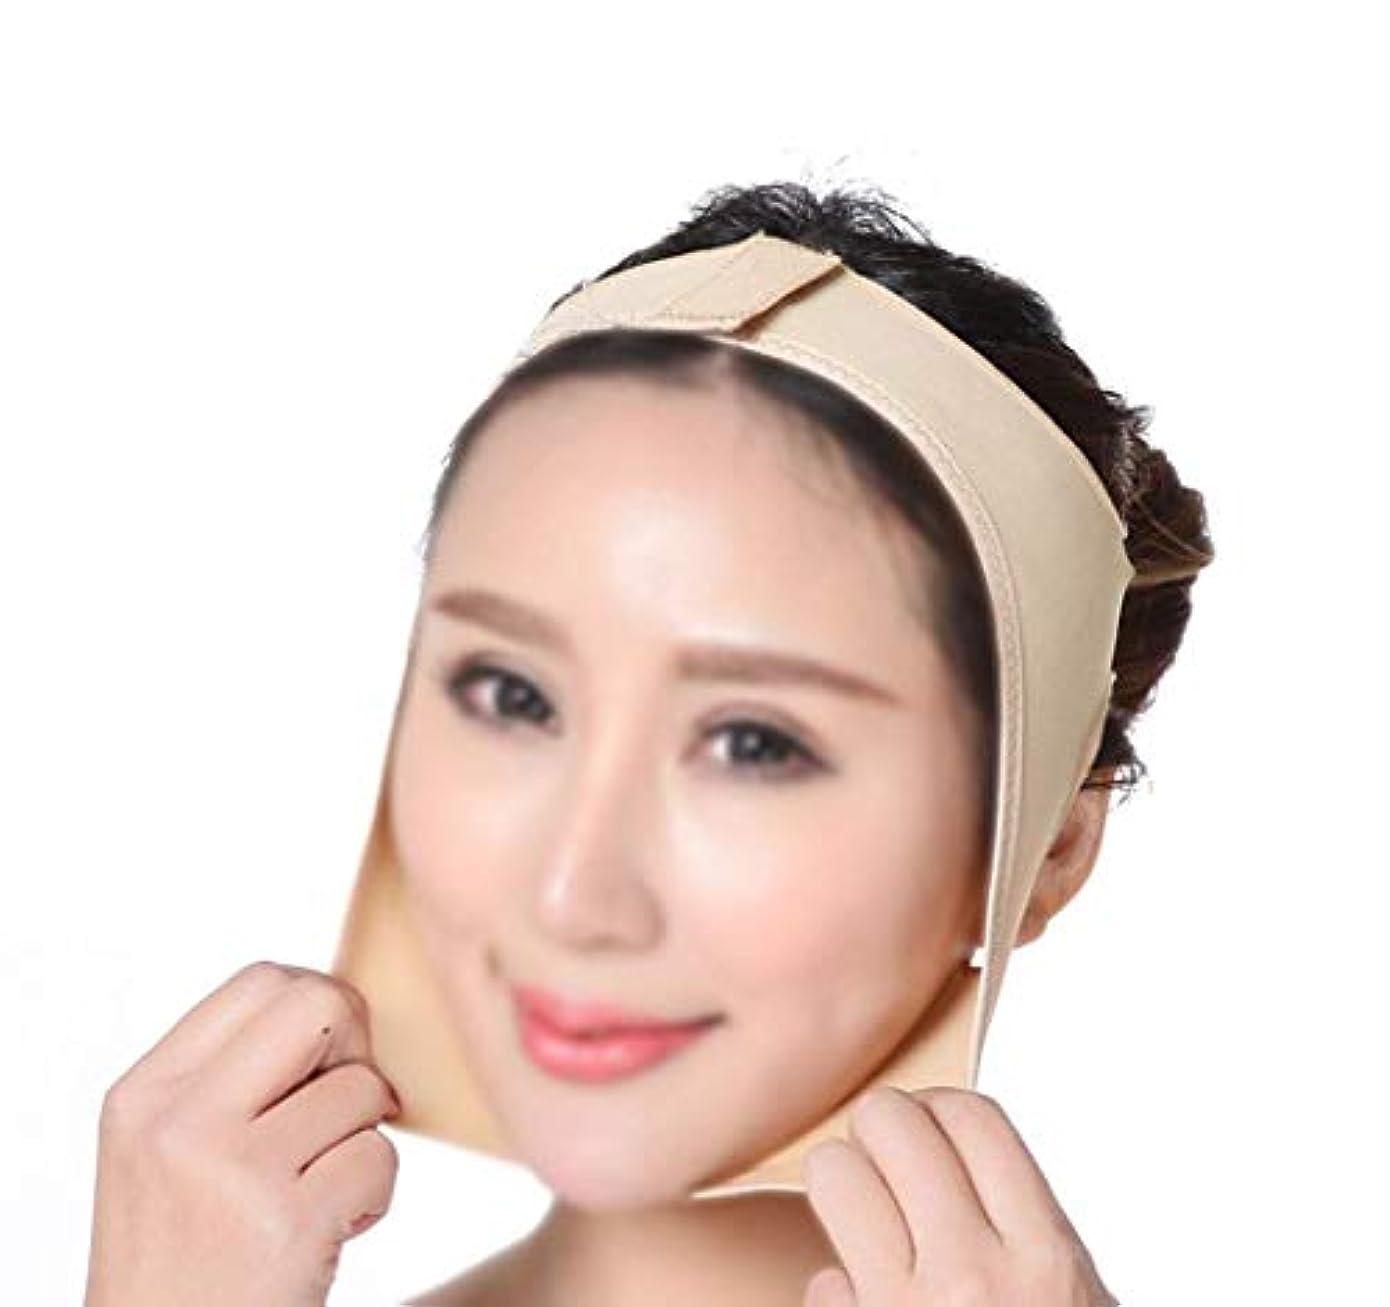 ファーミングフェイスマスク、通気性フェイスバンデージVフェイスデバイススリープ薄型フェイスマスクフェイスマッサージ器具フェイスリフティングフェイスリフティングツール(サイズ:Xl),XXL